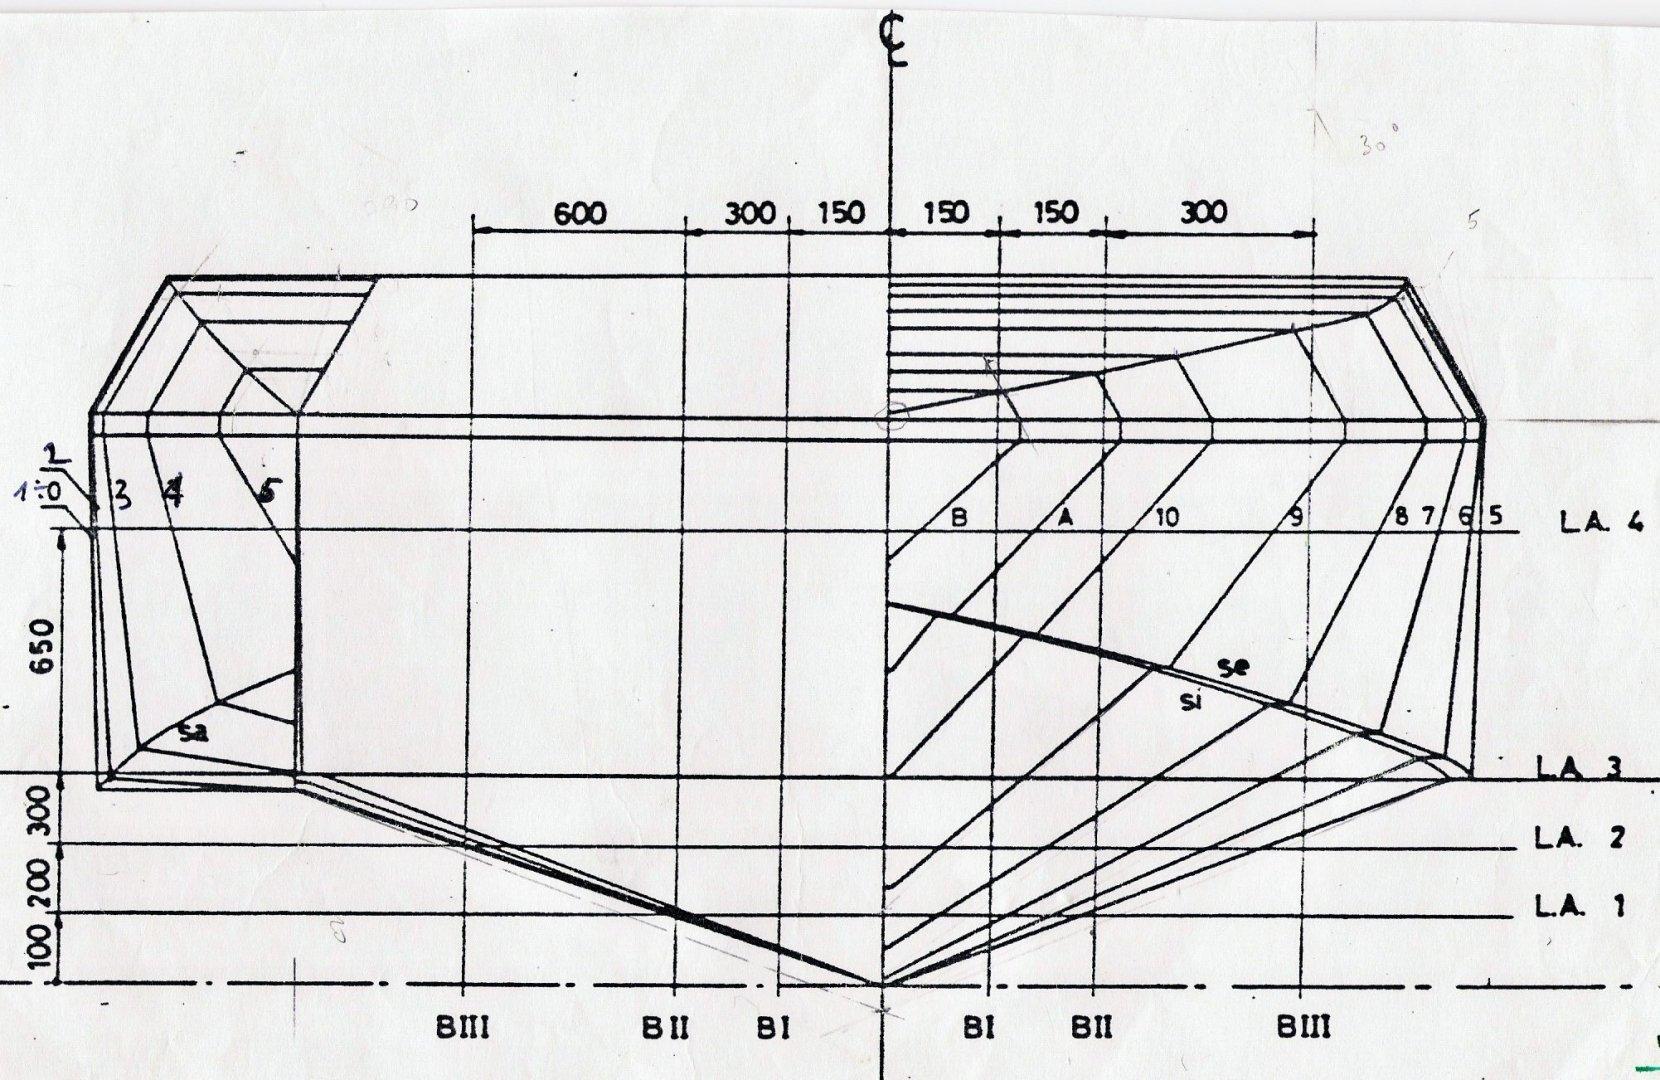 FBBED5FB-6DC3-499D-A182-4F13B1FFEDC7.jpeg